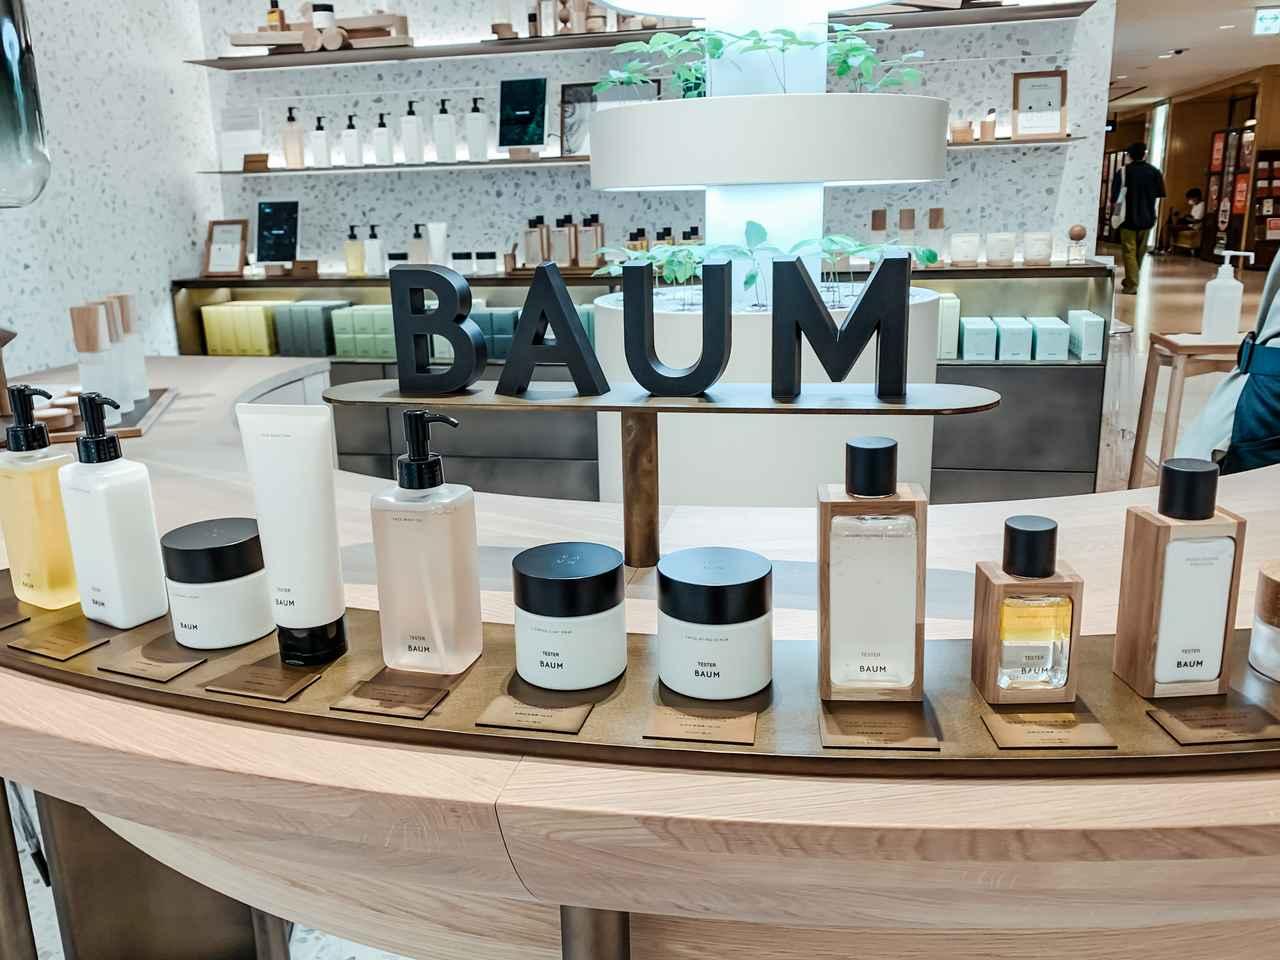 画像2: 一目見たときから心惹かれた新スキンケアブランド「BAUM」